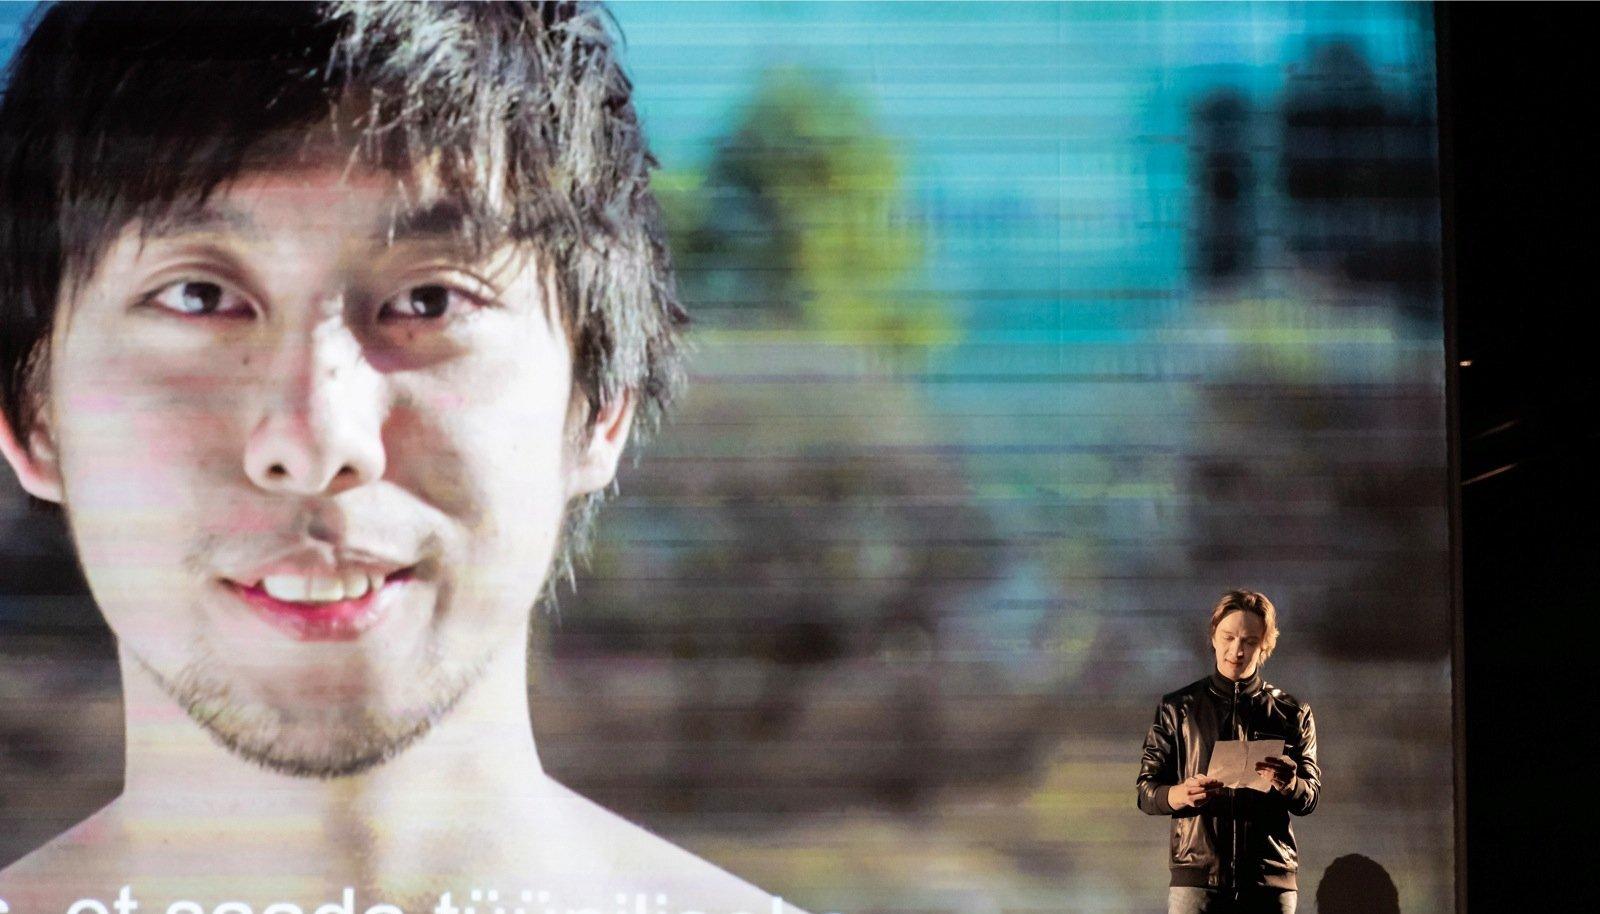 Laval on üleelusuurused videoprojektsioonid Jaapani, India ja Senegali näitlejatest, kelle juures Reha kevadtalvel residentuurides käis.